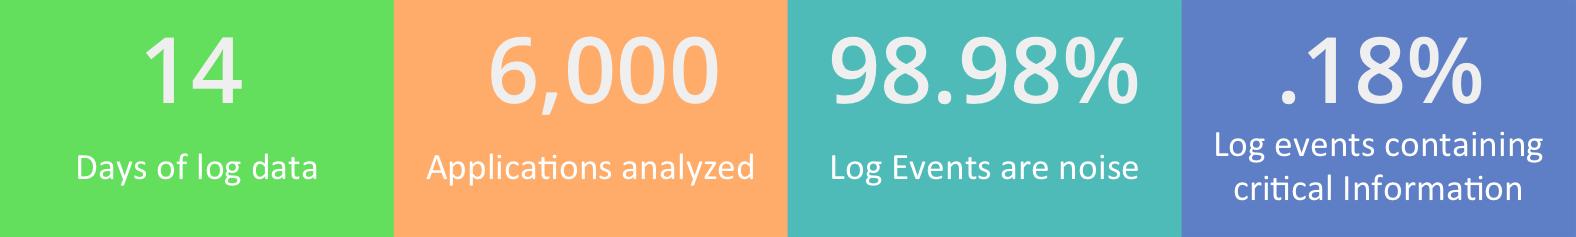 log analysis facts